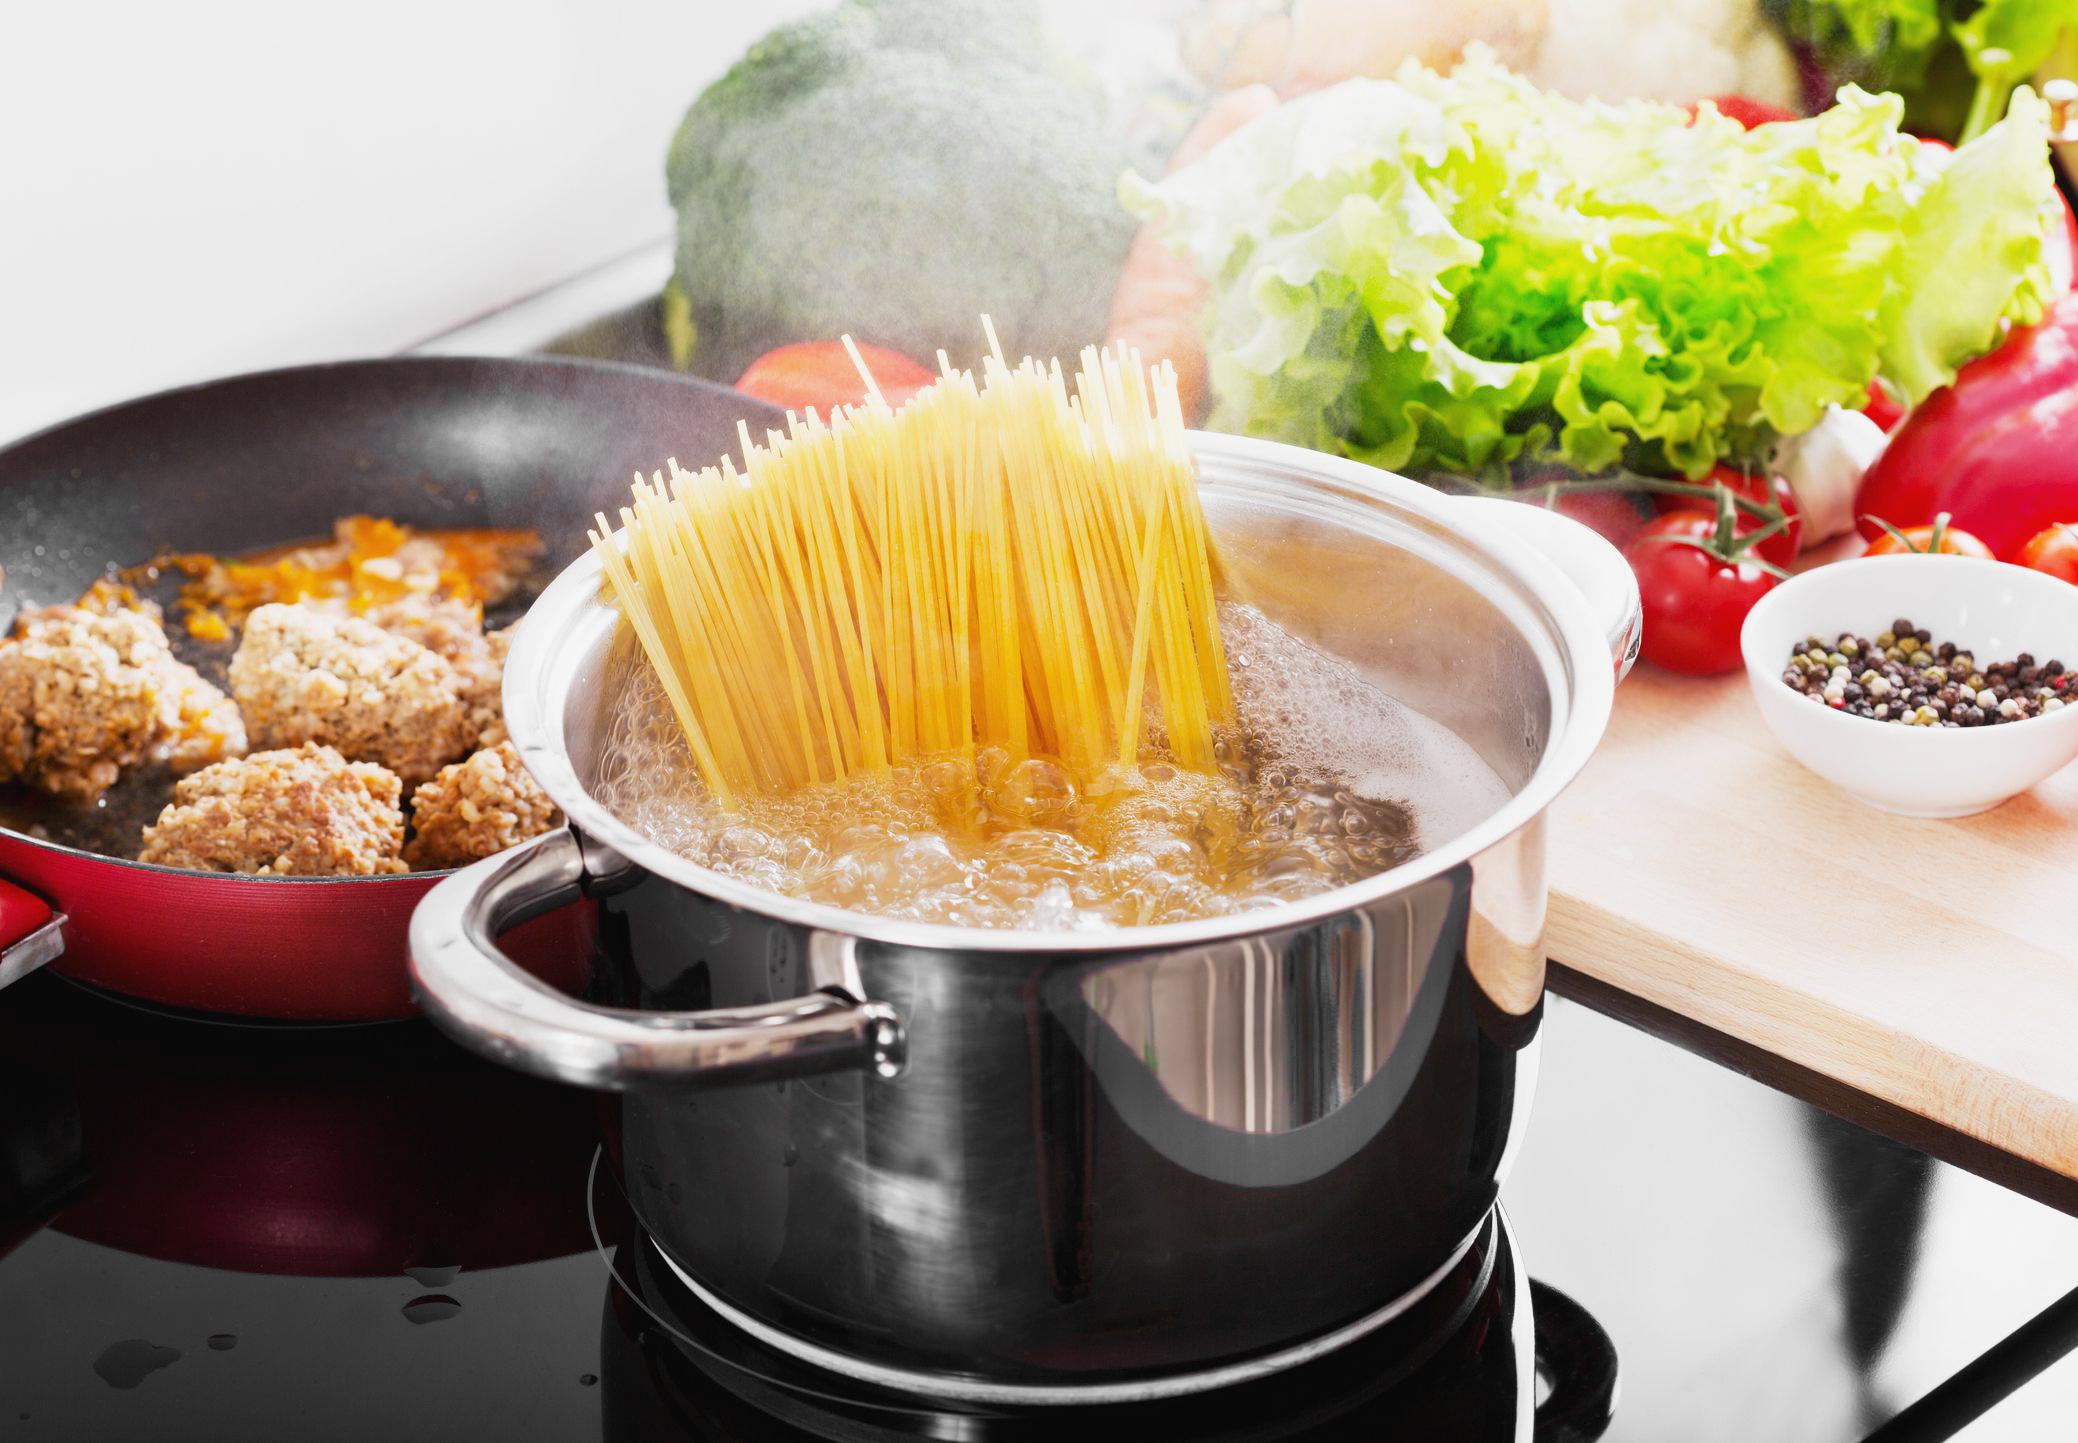 Сохраняйте 7 советов от итальянцев: как правильно варить пасту ☑️